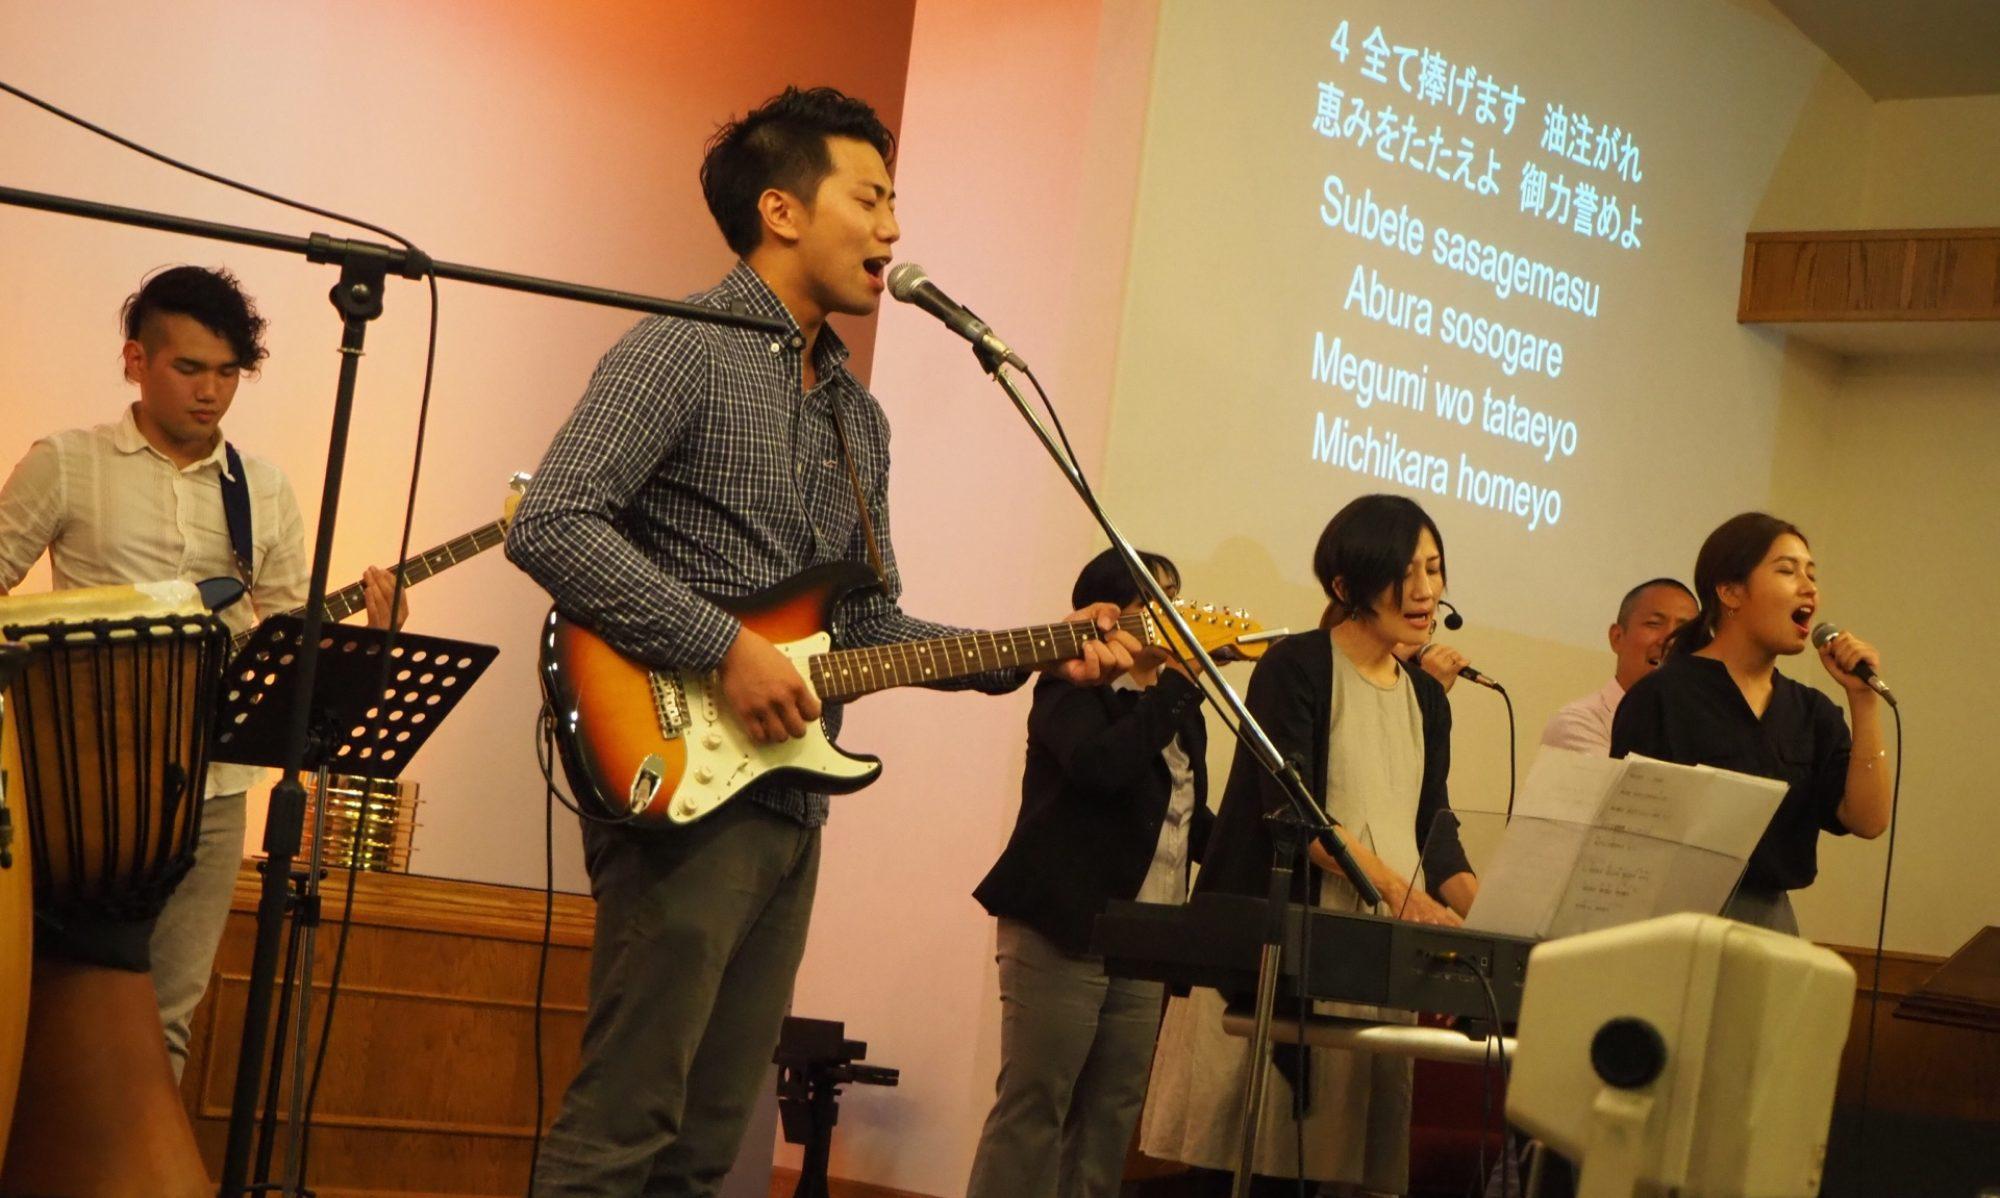 久留米べテルキリスト教会